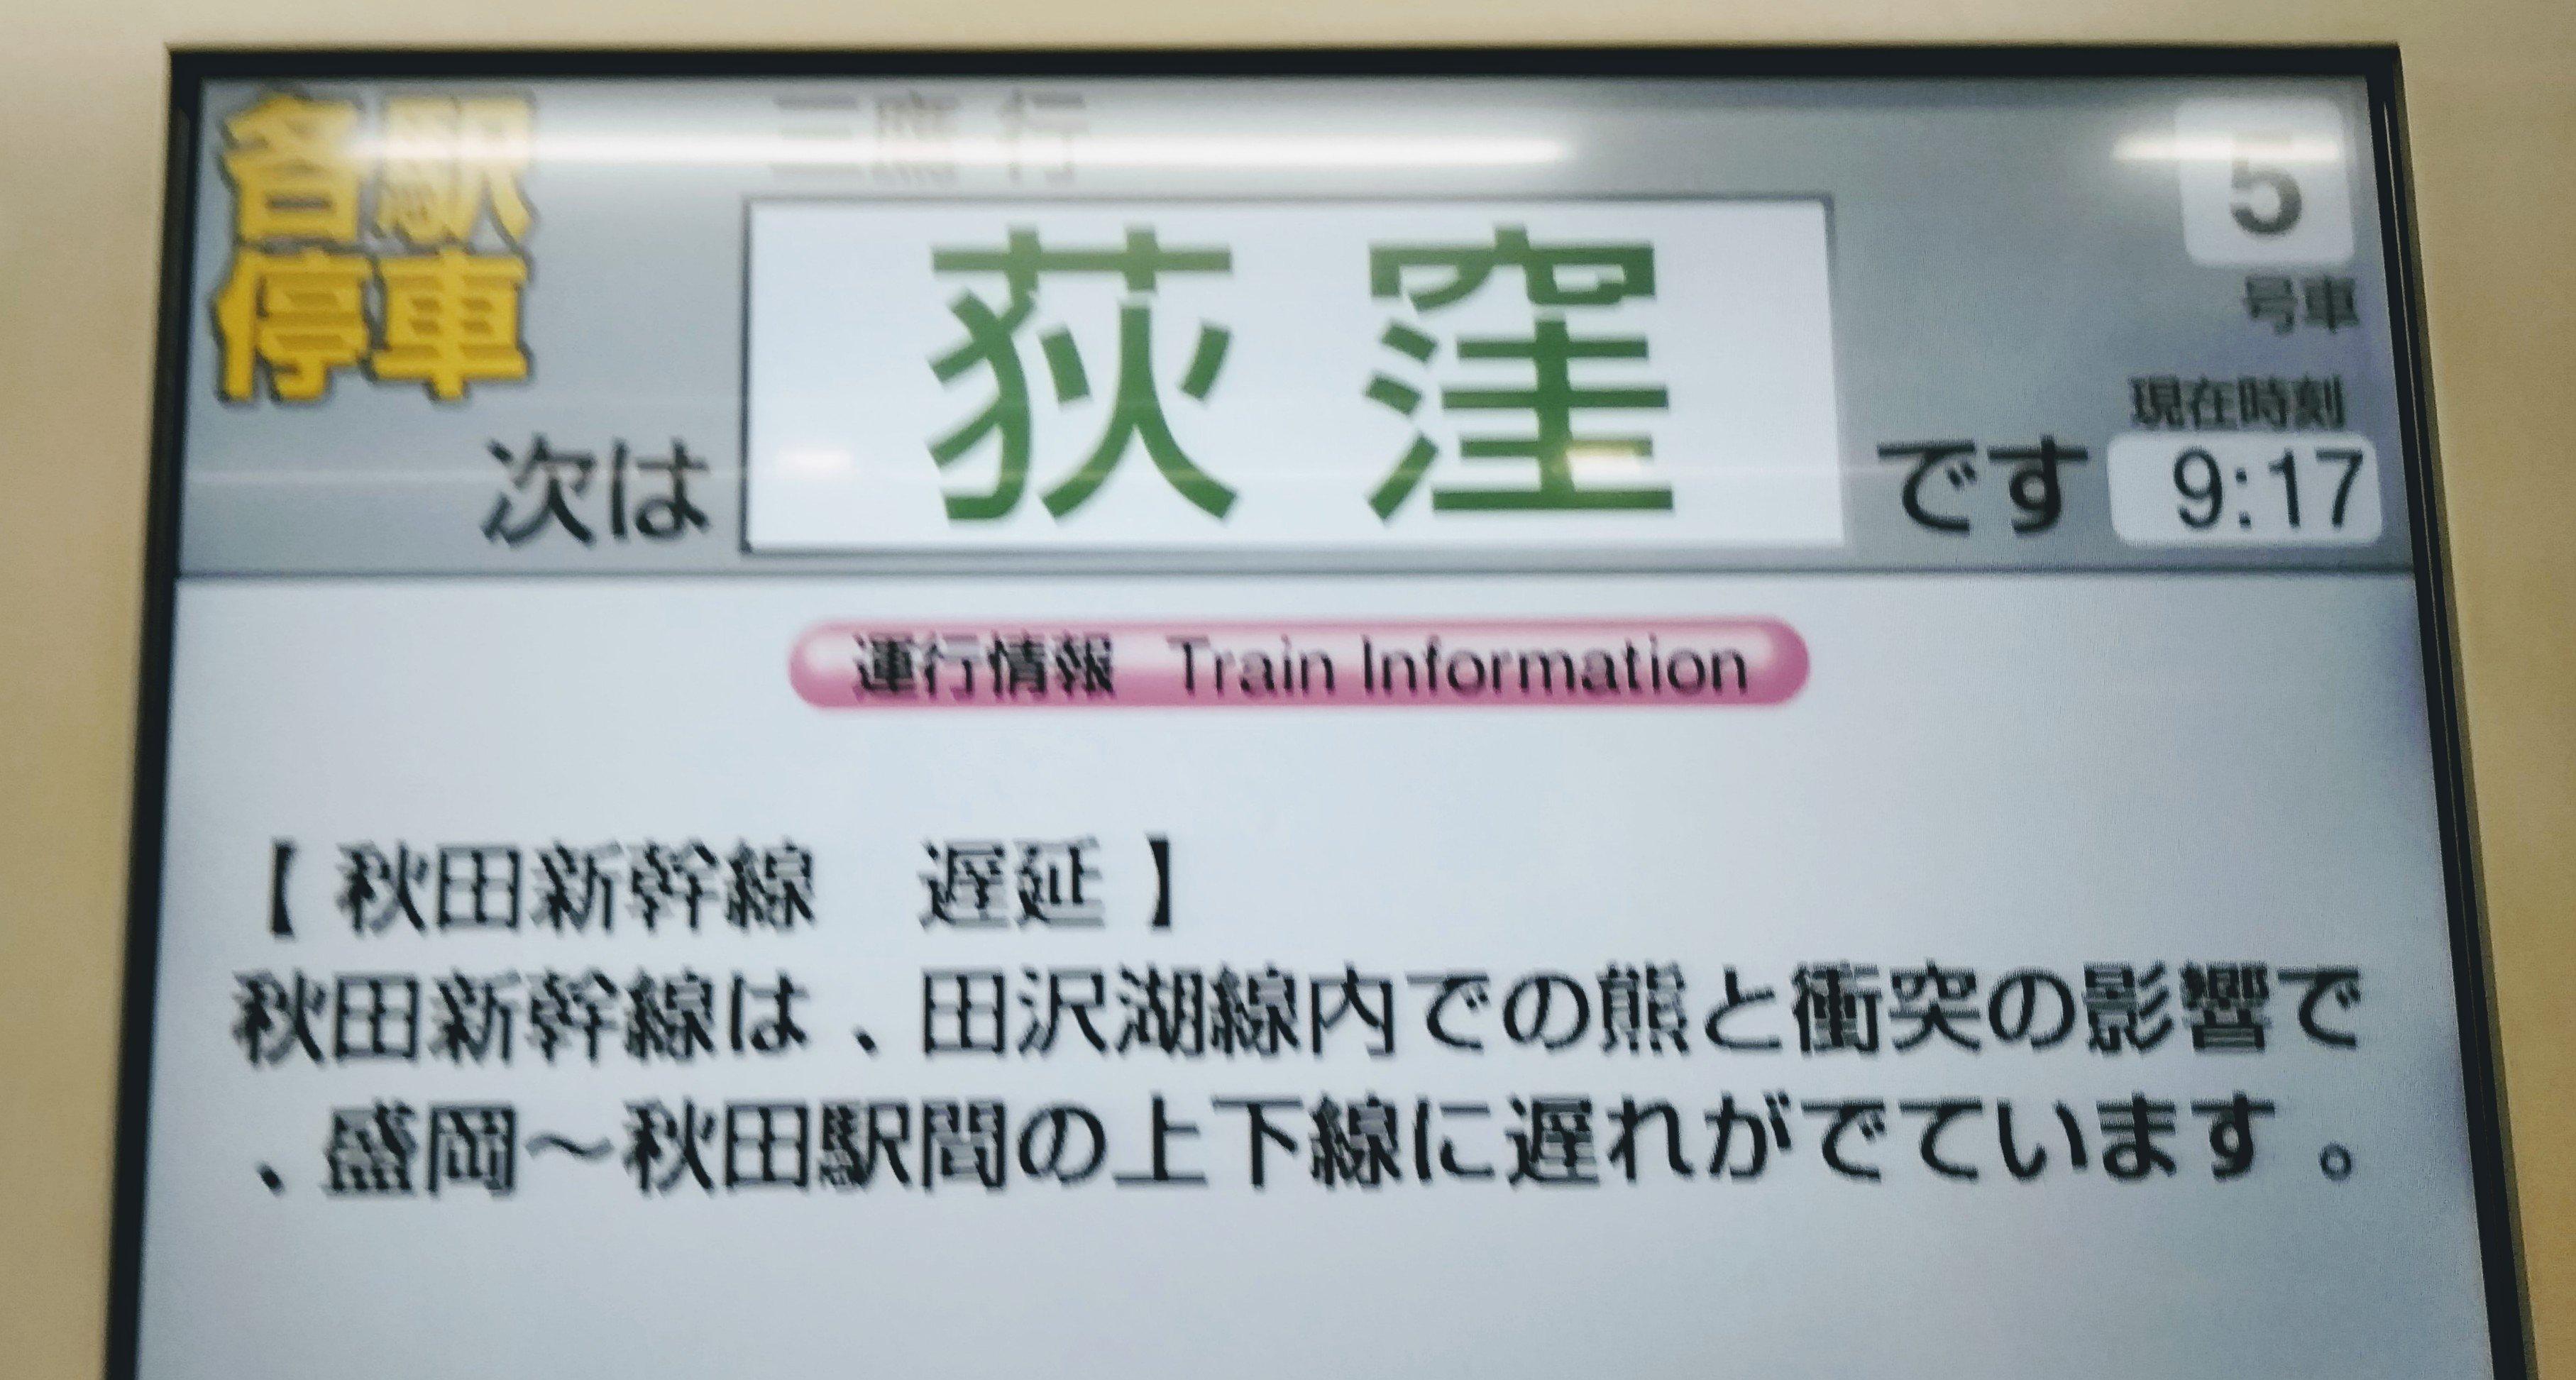 状況 秋田 新幹線 運行